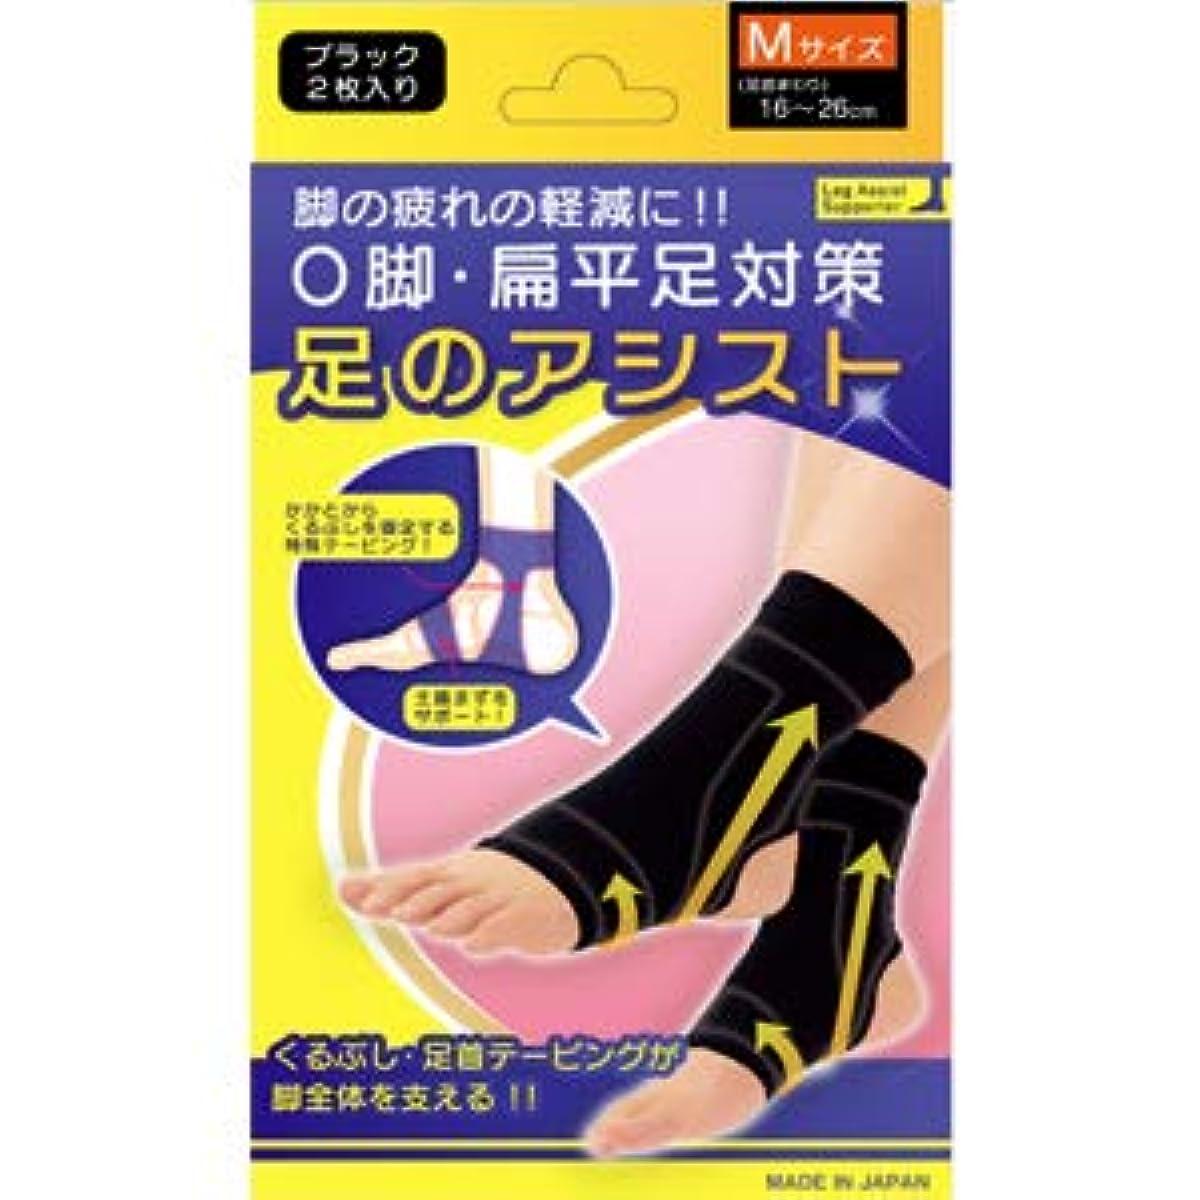 教えてチケット硫黄美脚足のアシスト ブラック 2枚入り Mサイズ(足首まわり16~26cm)